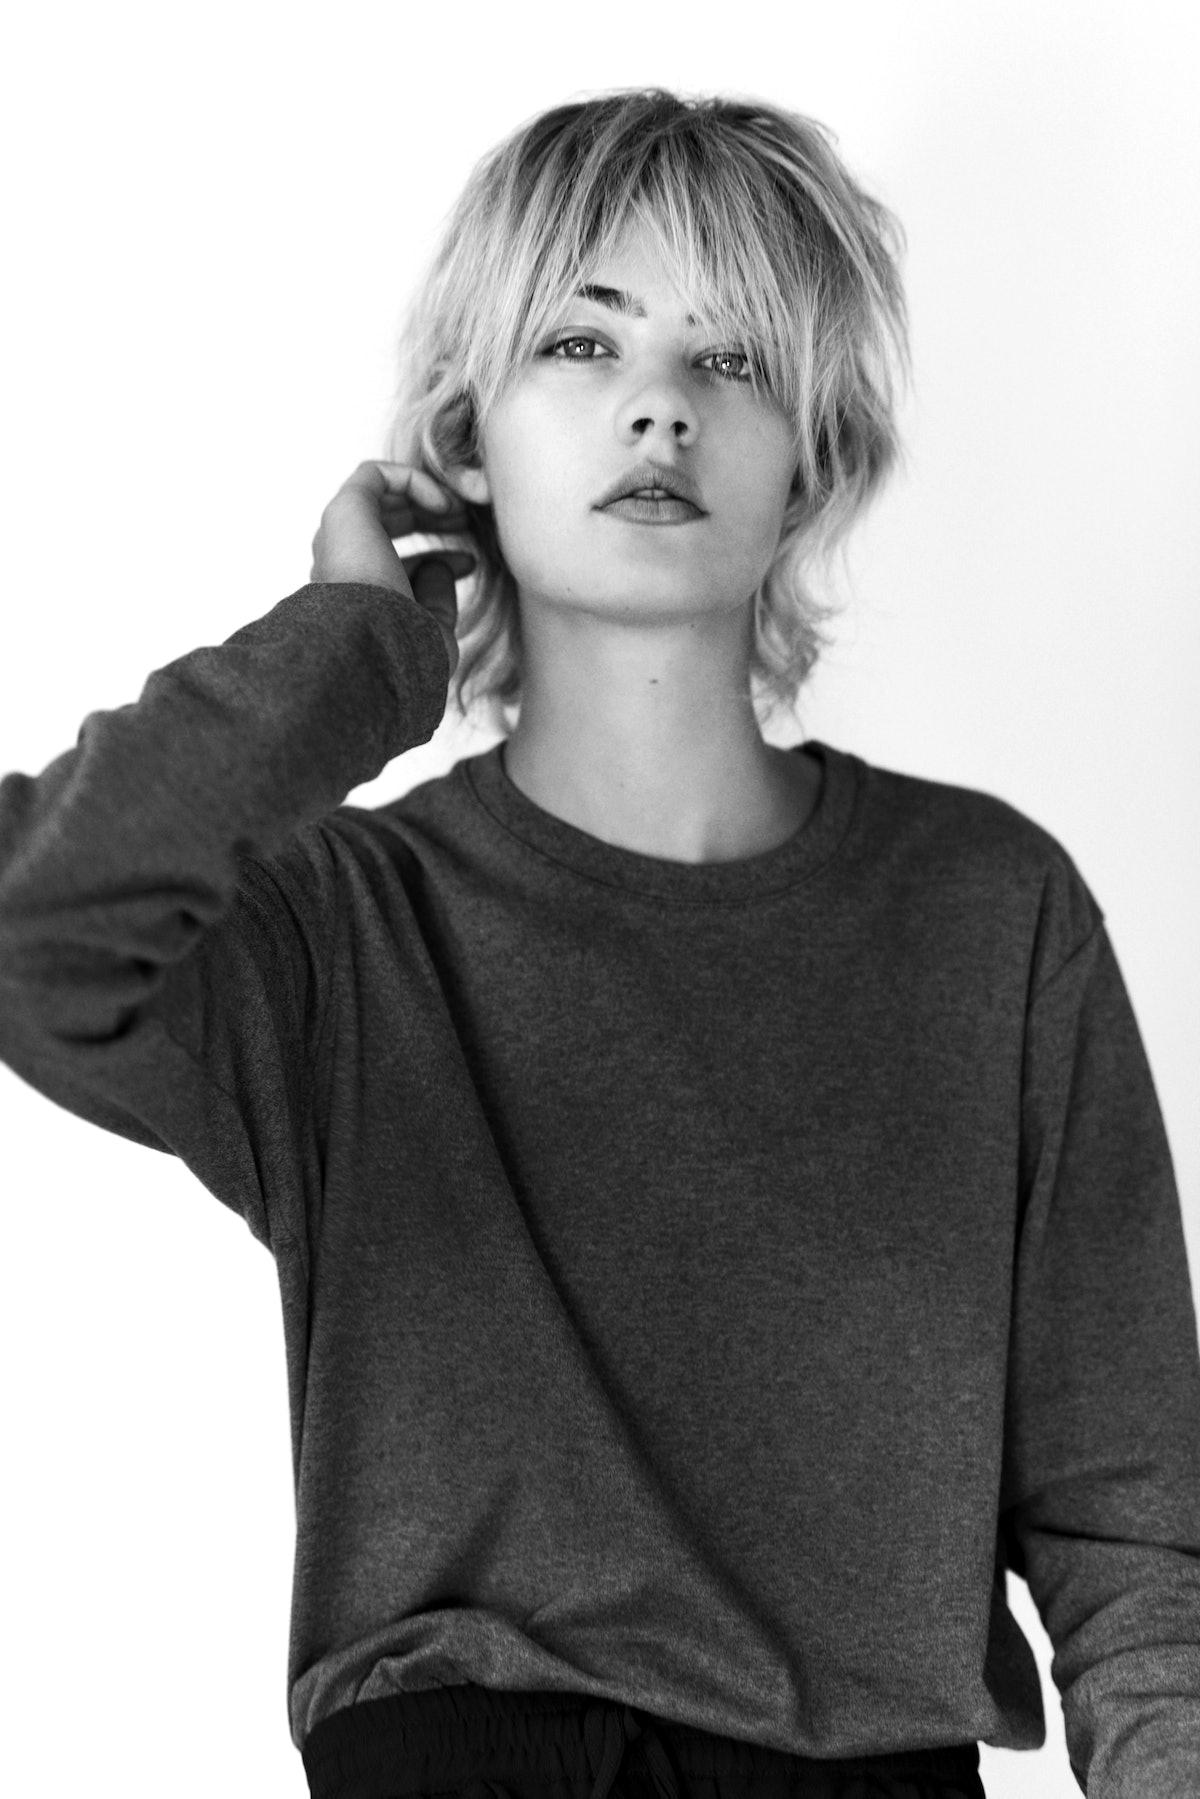 Celine Bouly